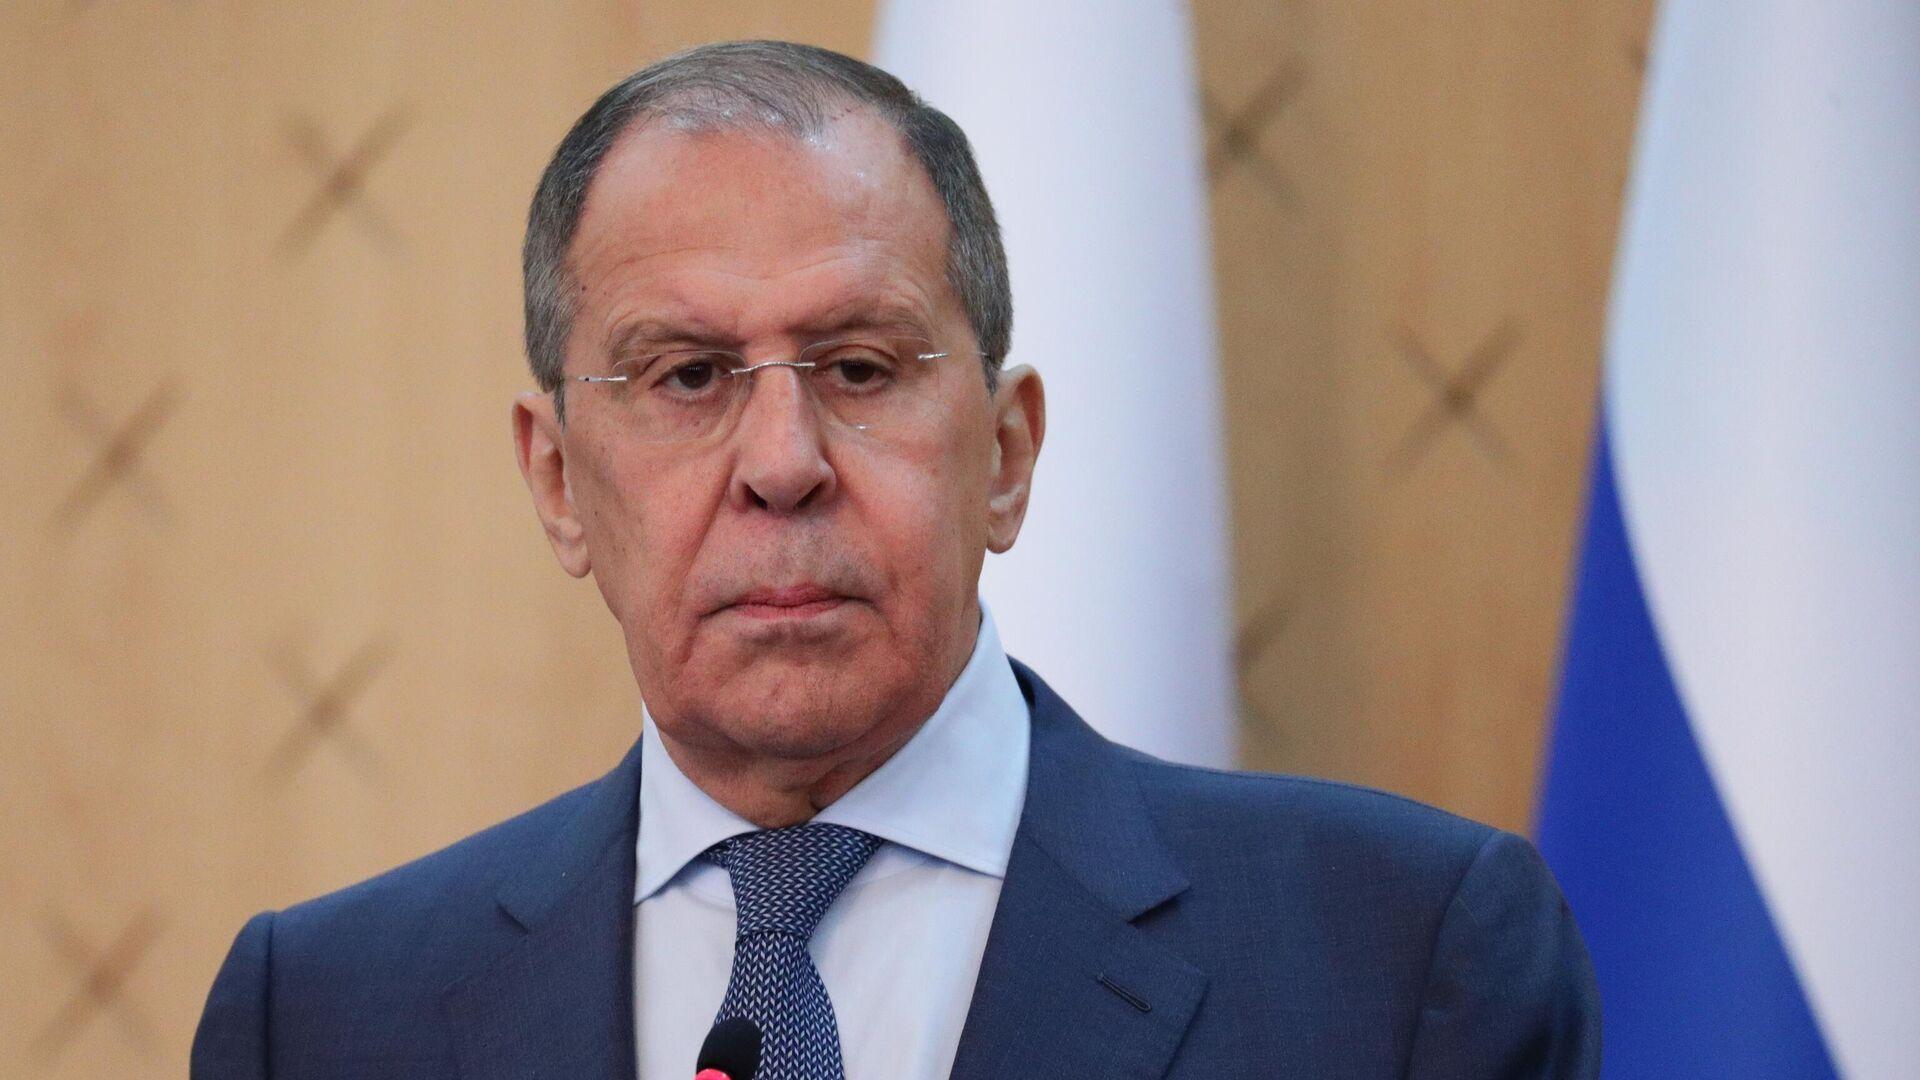 El ministro de Asuntos Exteriores ruso, Serguéi Lavrov - Sputnik Mundo, 1920, 19.05.2021